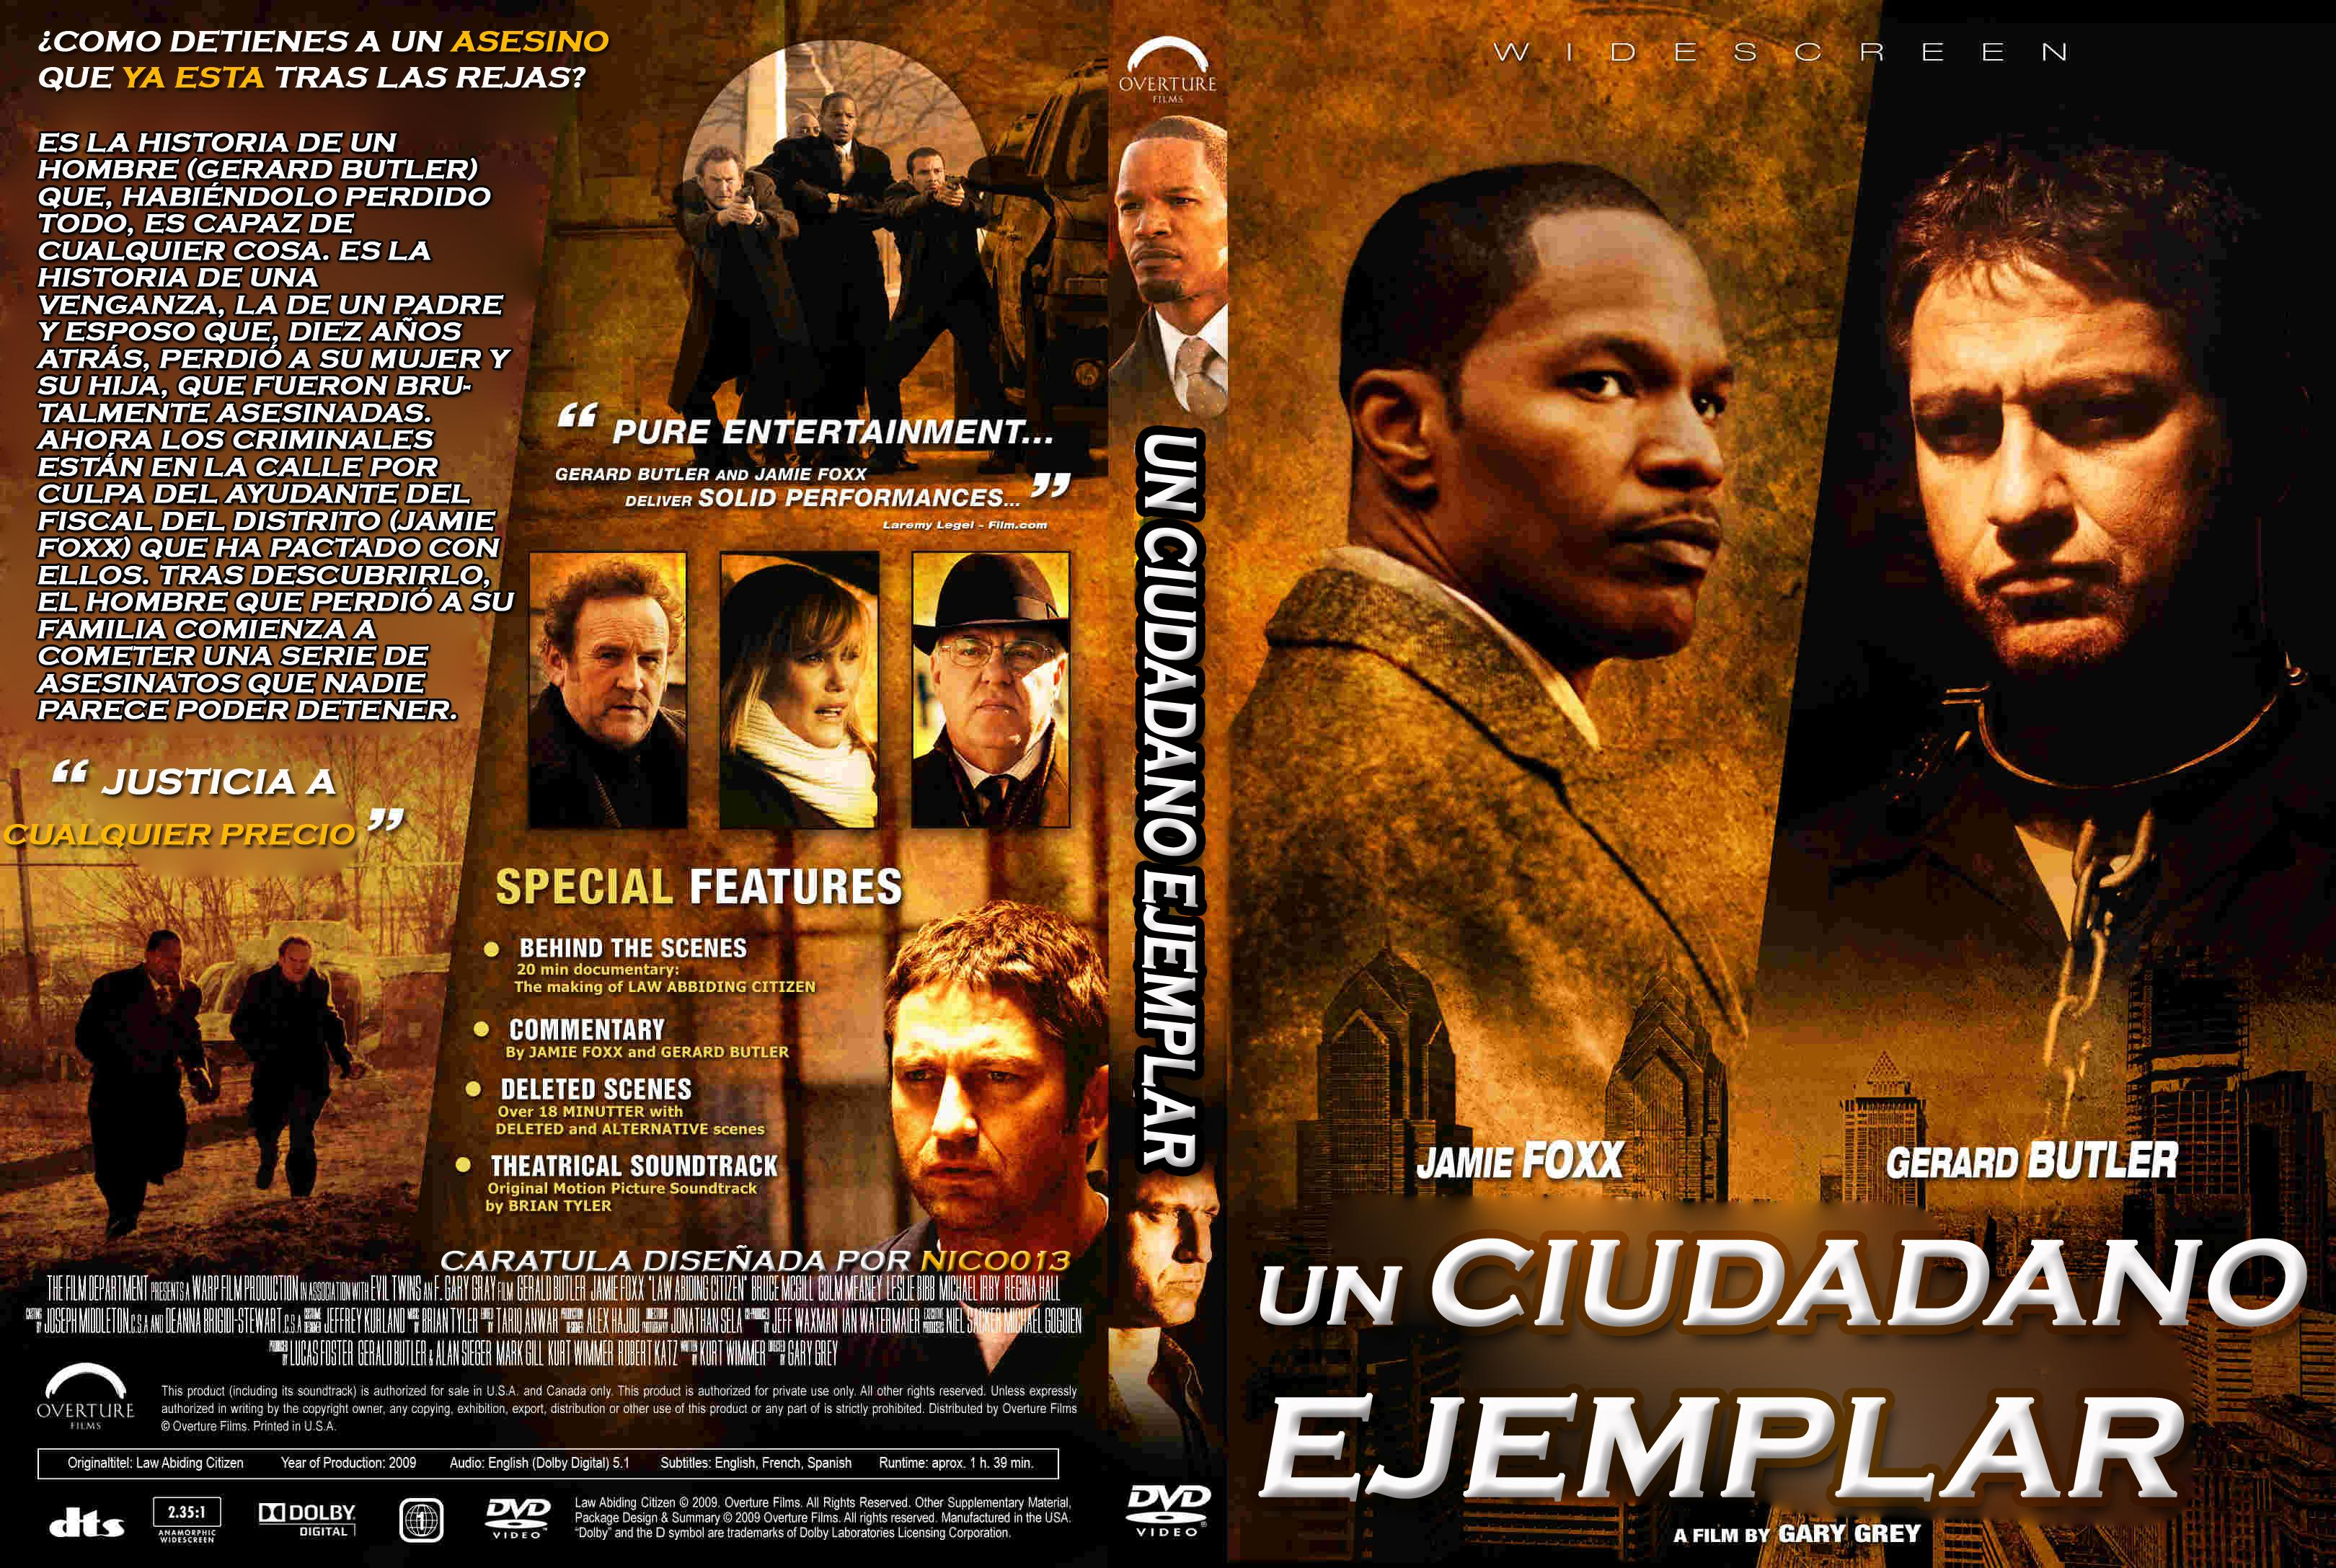 Ver Un ciudadano ejemplar Online Gratis en Español Latino